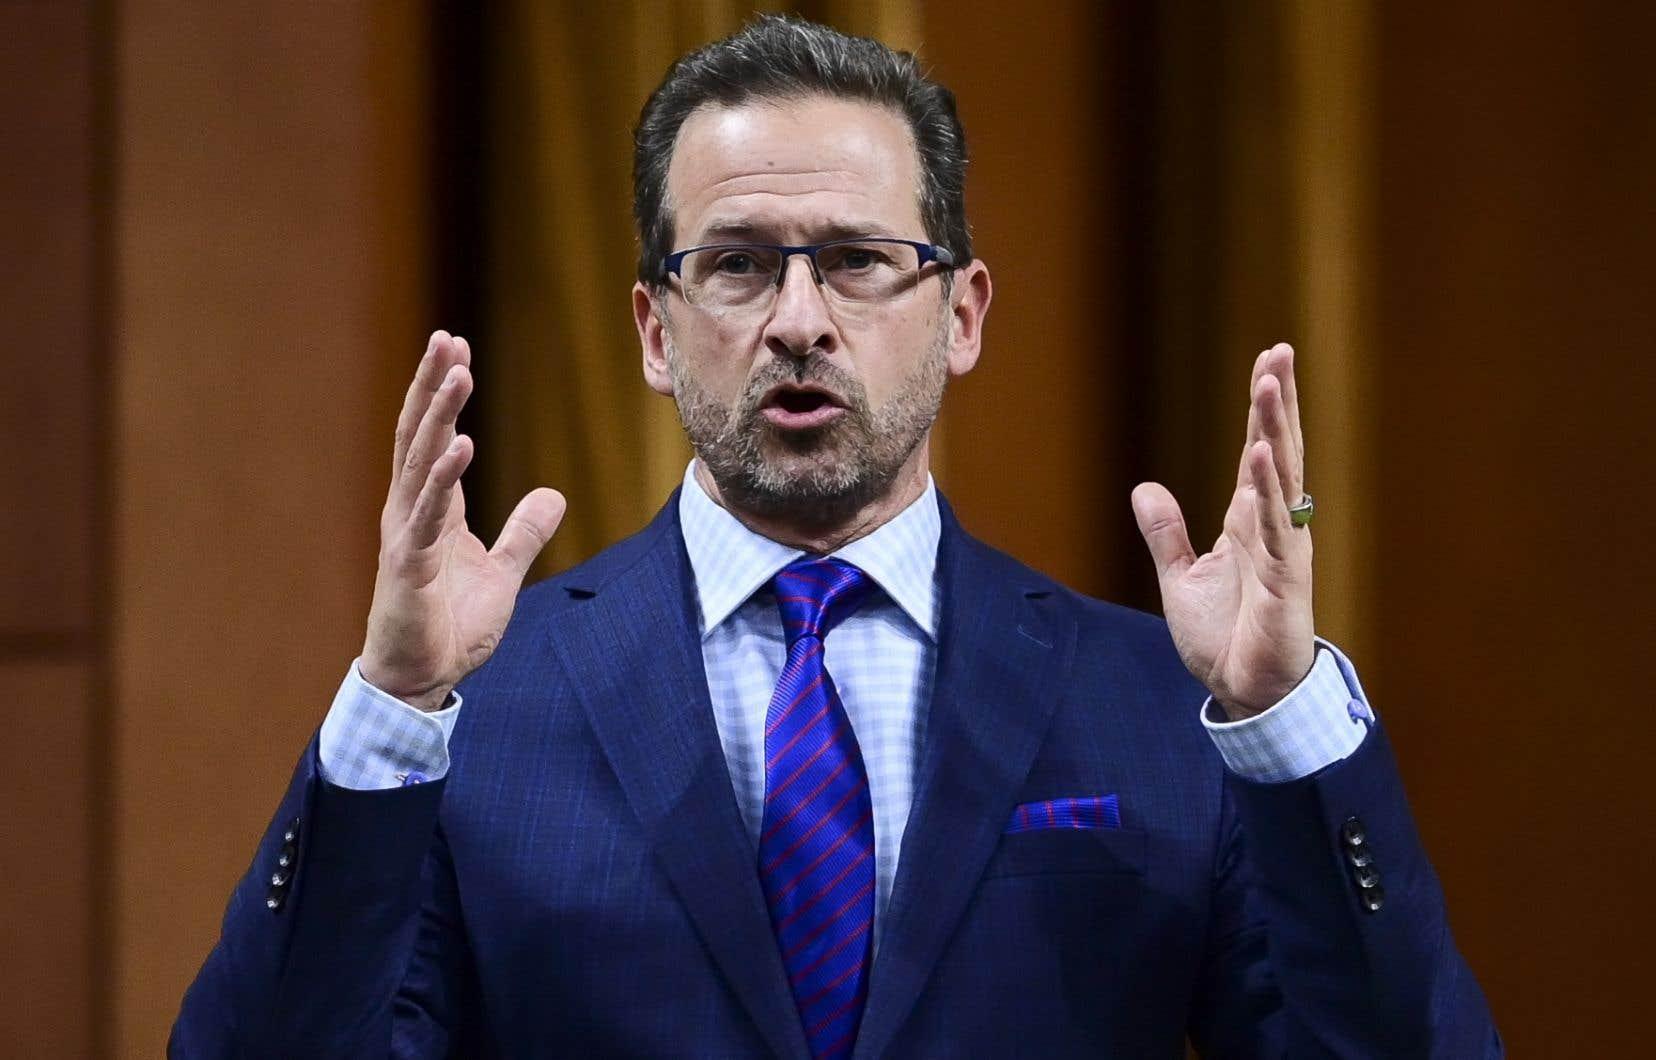 Dans une déclaration faite en fin de journée jeudi, le chef du Bloc québécois, Yves-François Blanchet, a écrit avoir «soulevé des questions légitimes en démocratie» au sujet du nouveau ministre fédéral des Transports, Omar Alghabra.